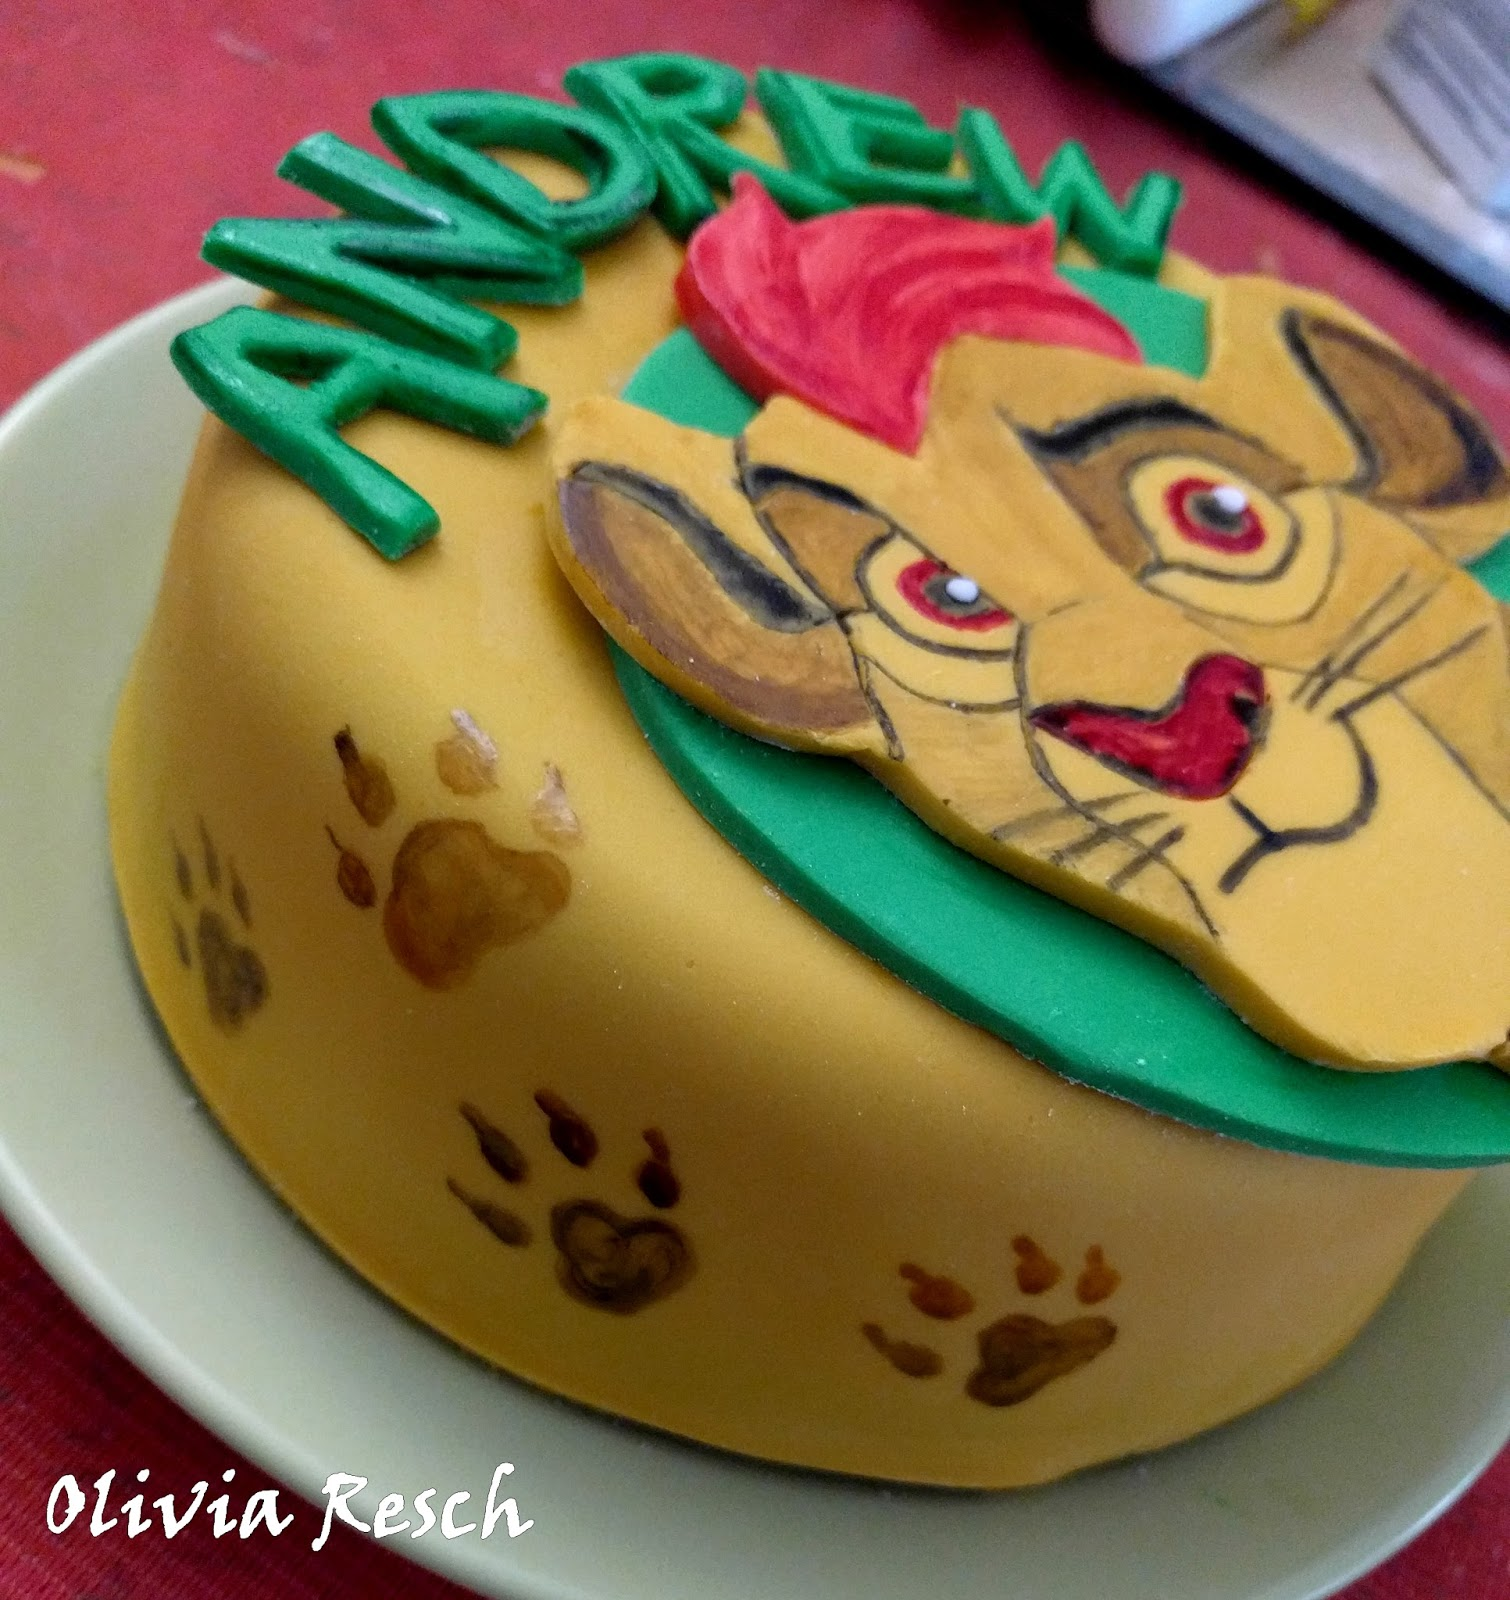 Gateau La Garde Du Roi Lion Creations Cake Design Par Olivia Resch